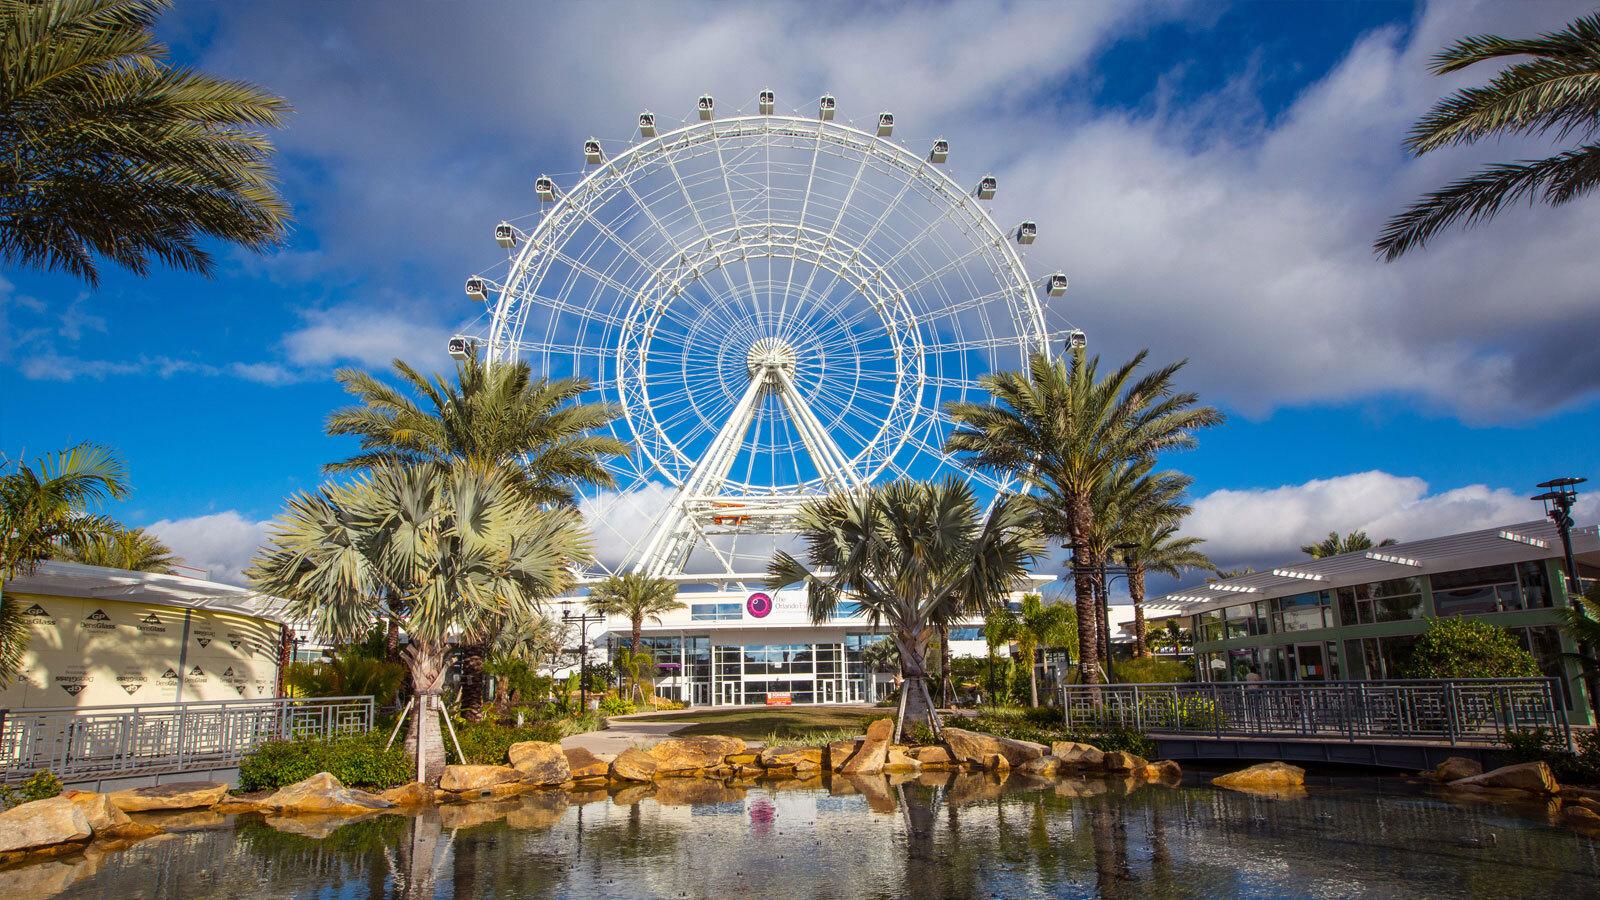 I-Drive 360, complexo com roda-gigante, museu de cera, aquário e bares